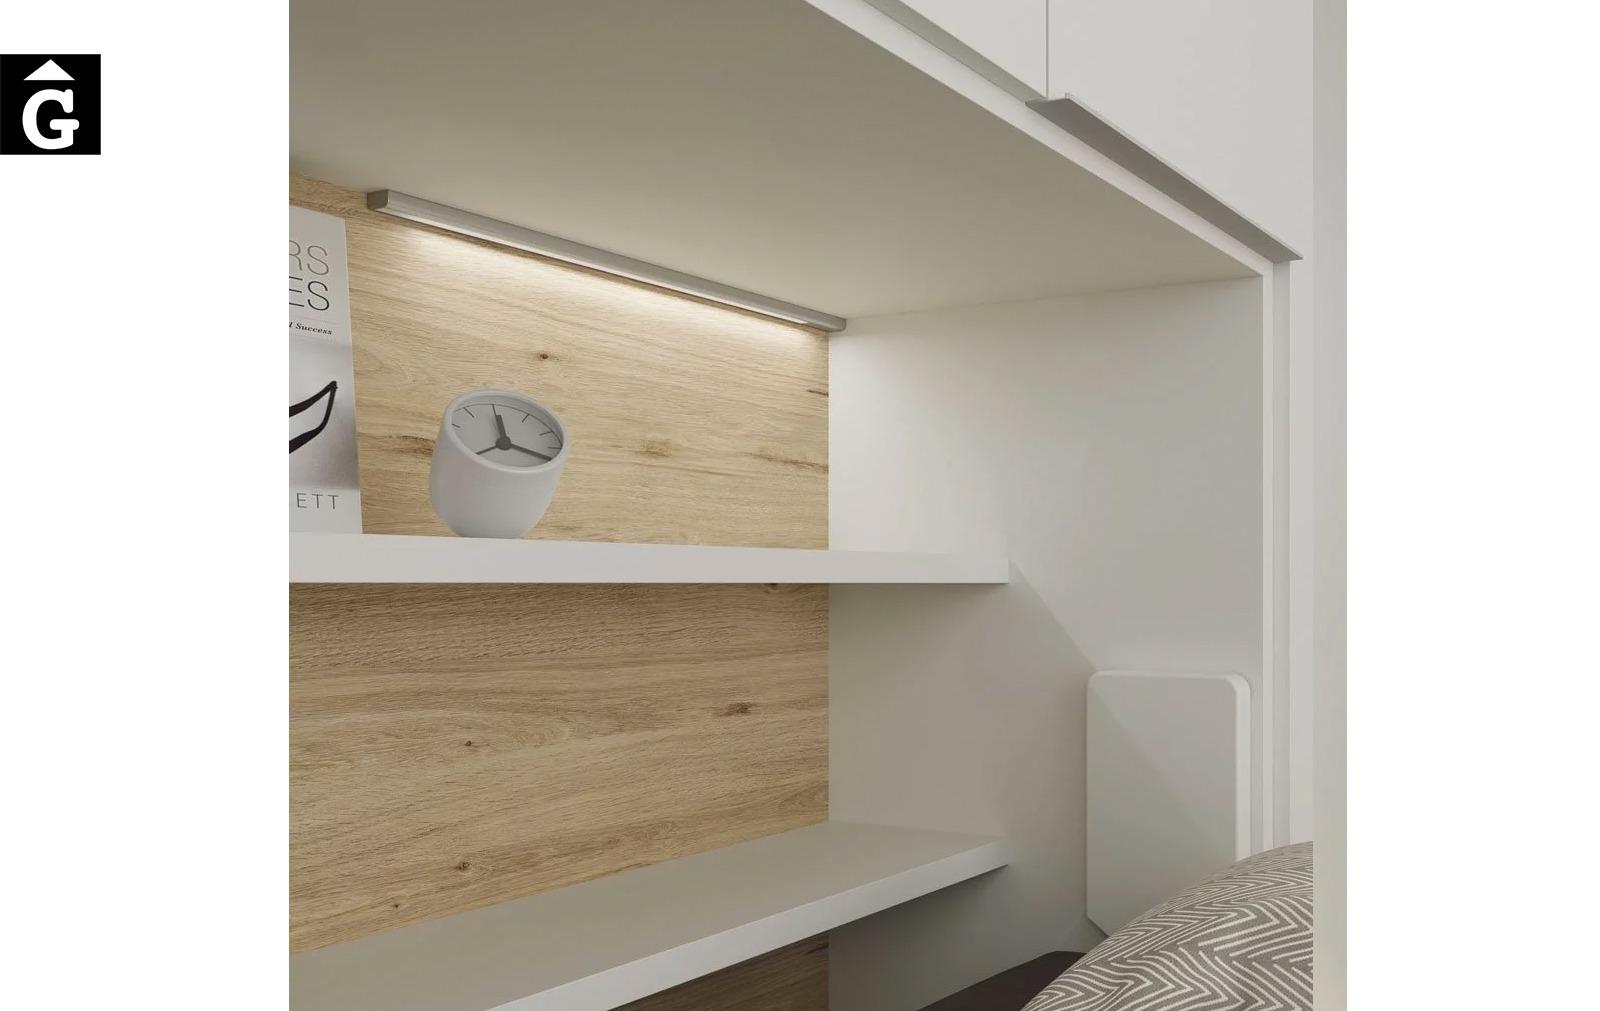 Habitació estudi amb armari llit abatible | Detall llum superficie | Up & Down | llits abatibles | Pràctics, saludables i segurs | Jotajotape | mobles Gifreu